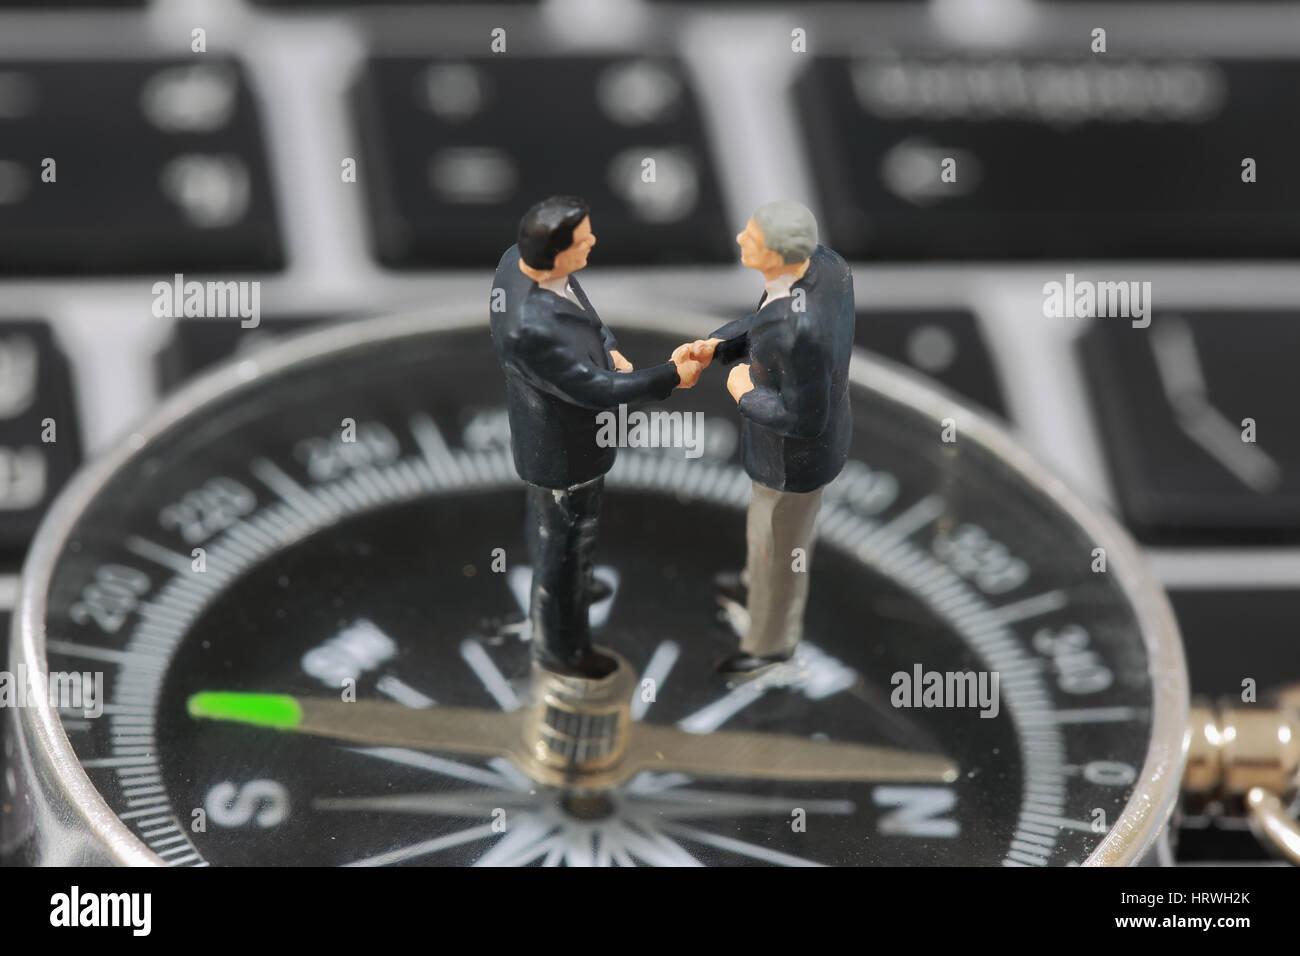 El enfoque selectivo de empresario en miniatura de apretón de manos en el fondo de la brújula como el compromiso Foto de stock